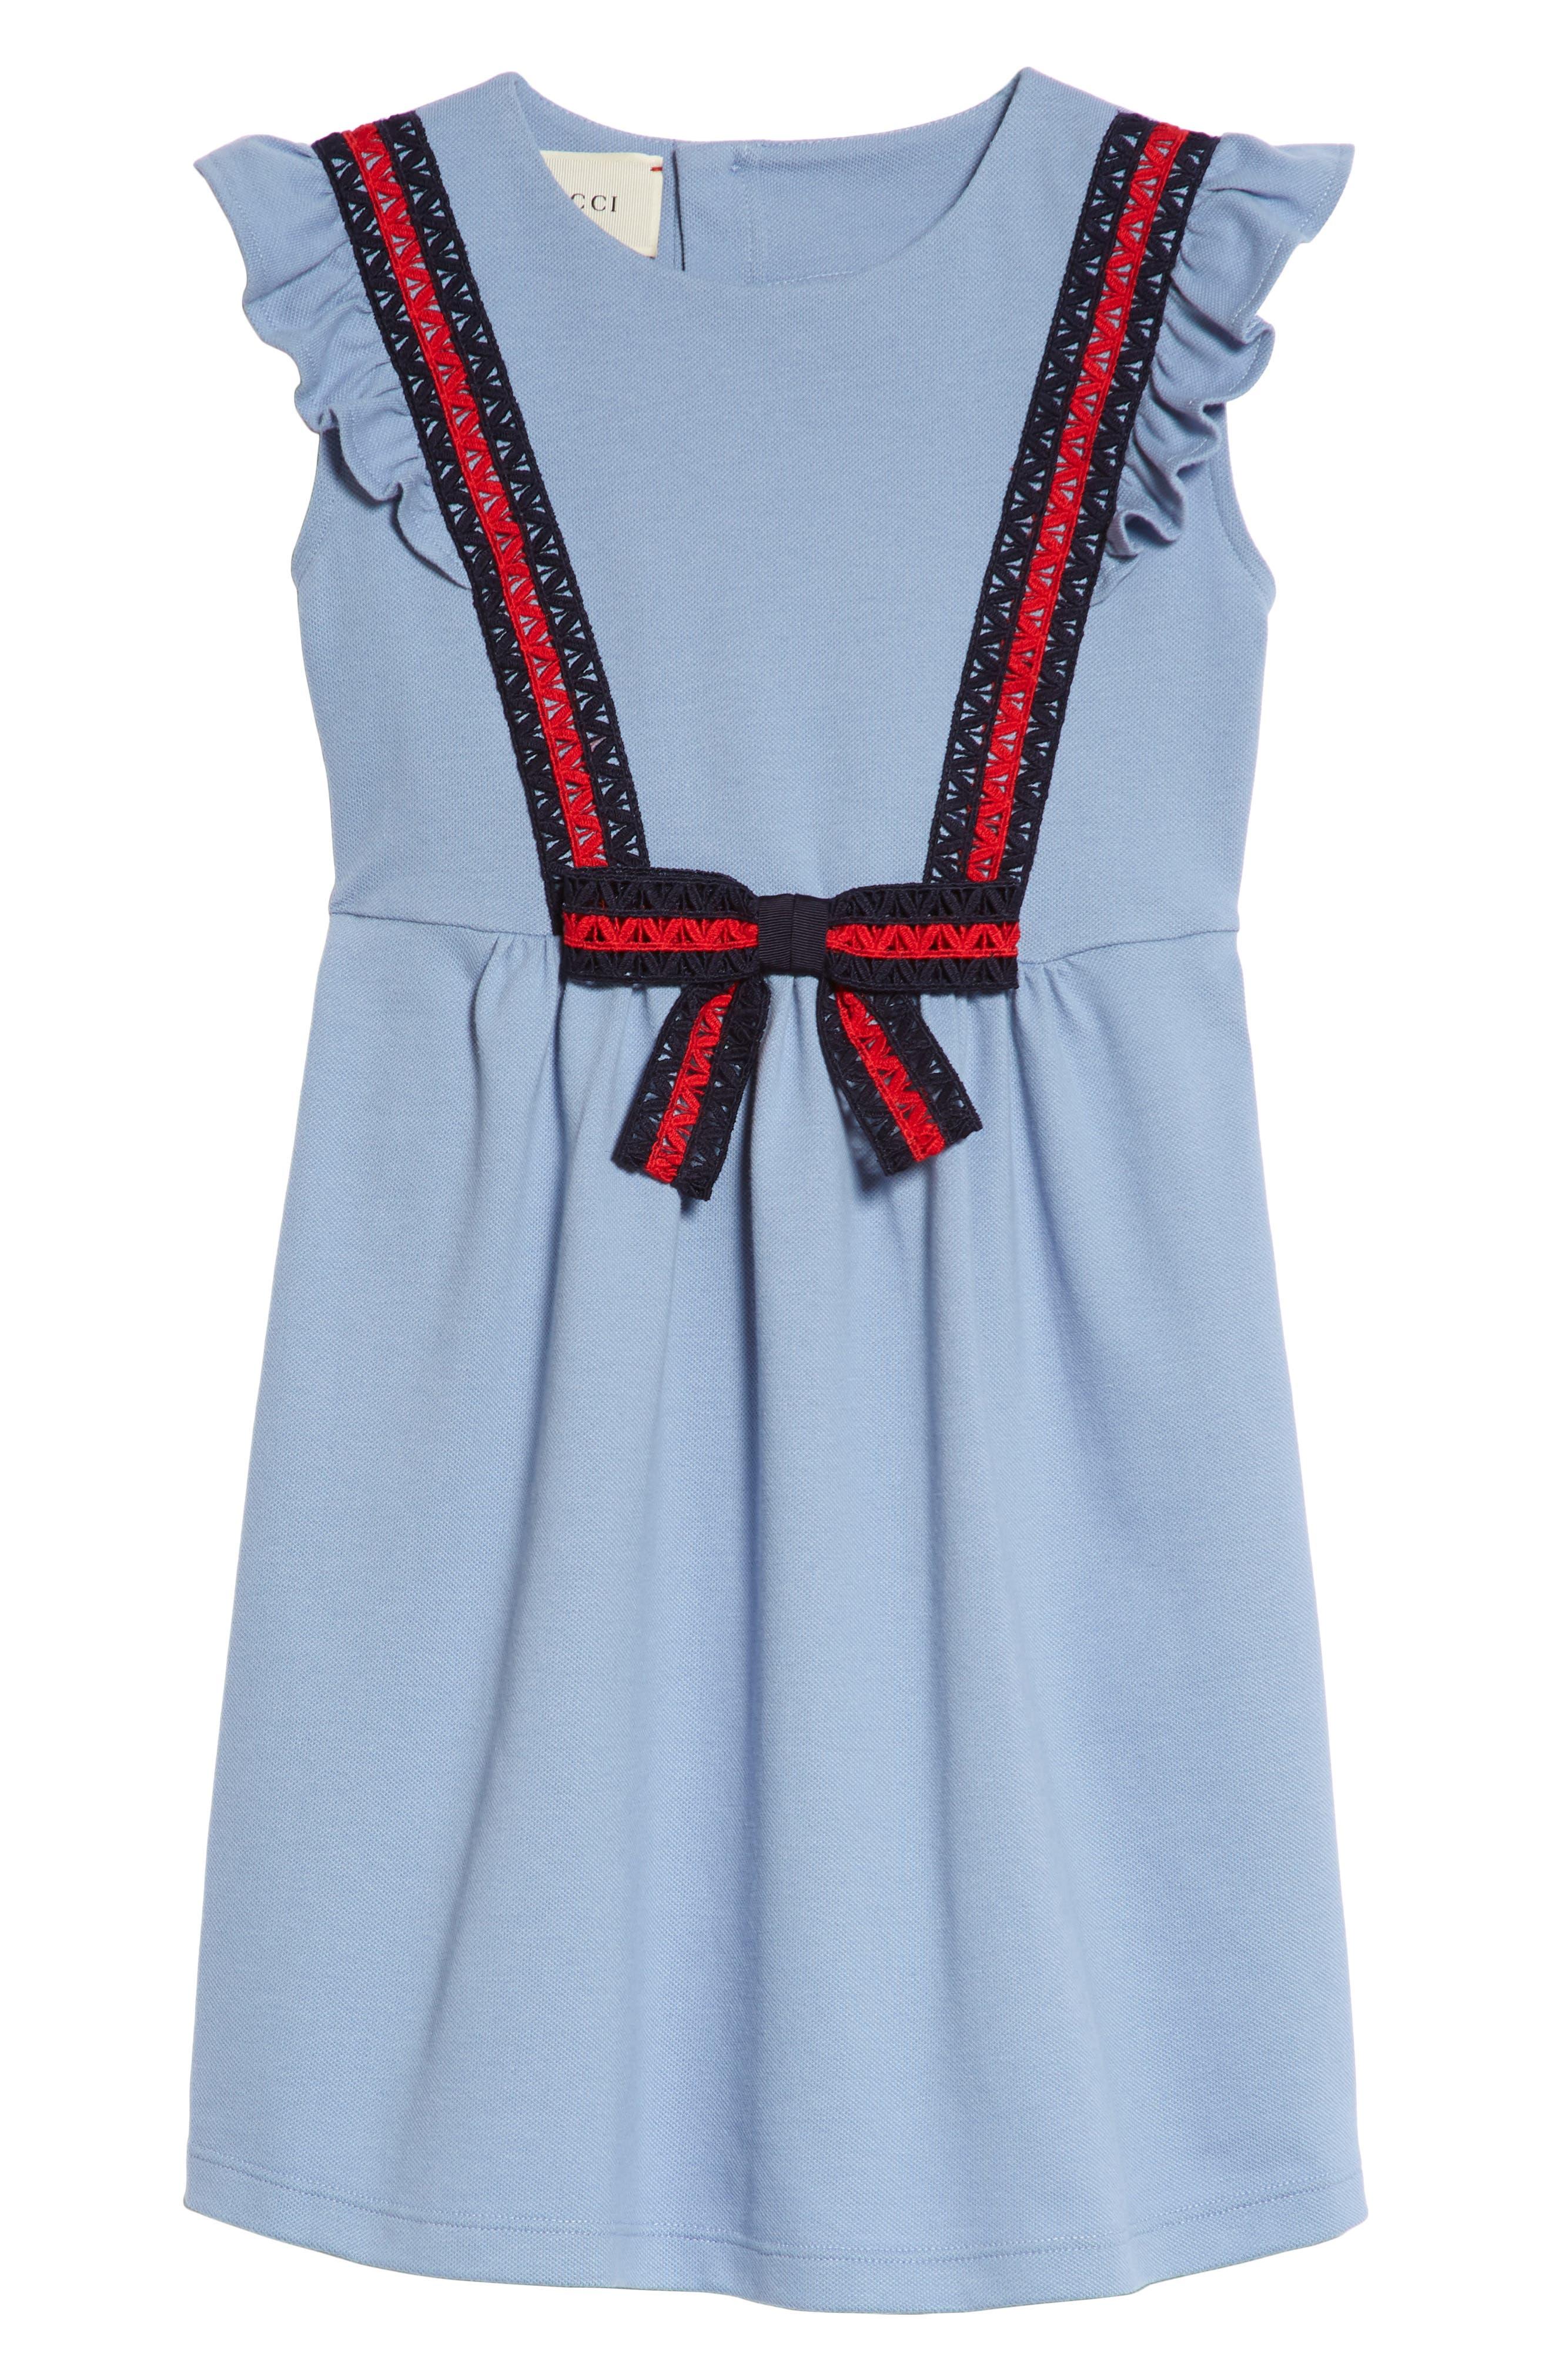 Gucci Piqué Dress (Little Girls & Big Girls)